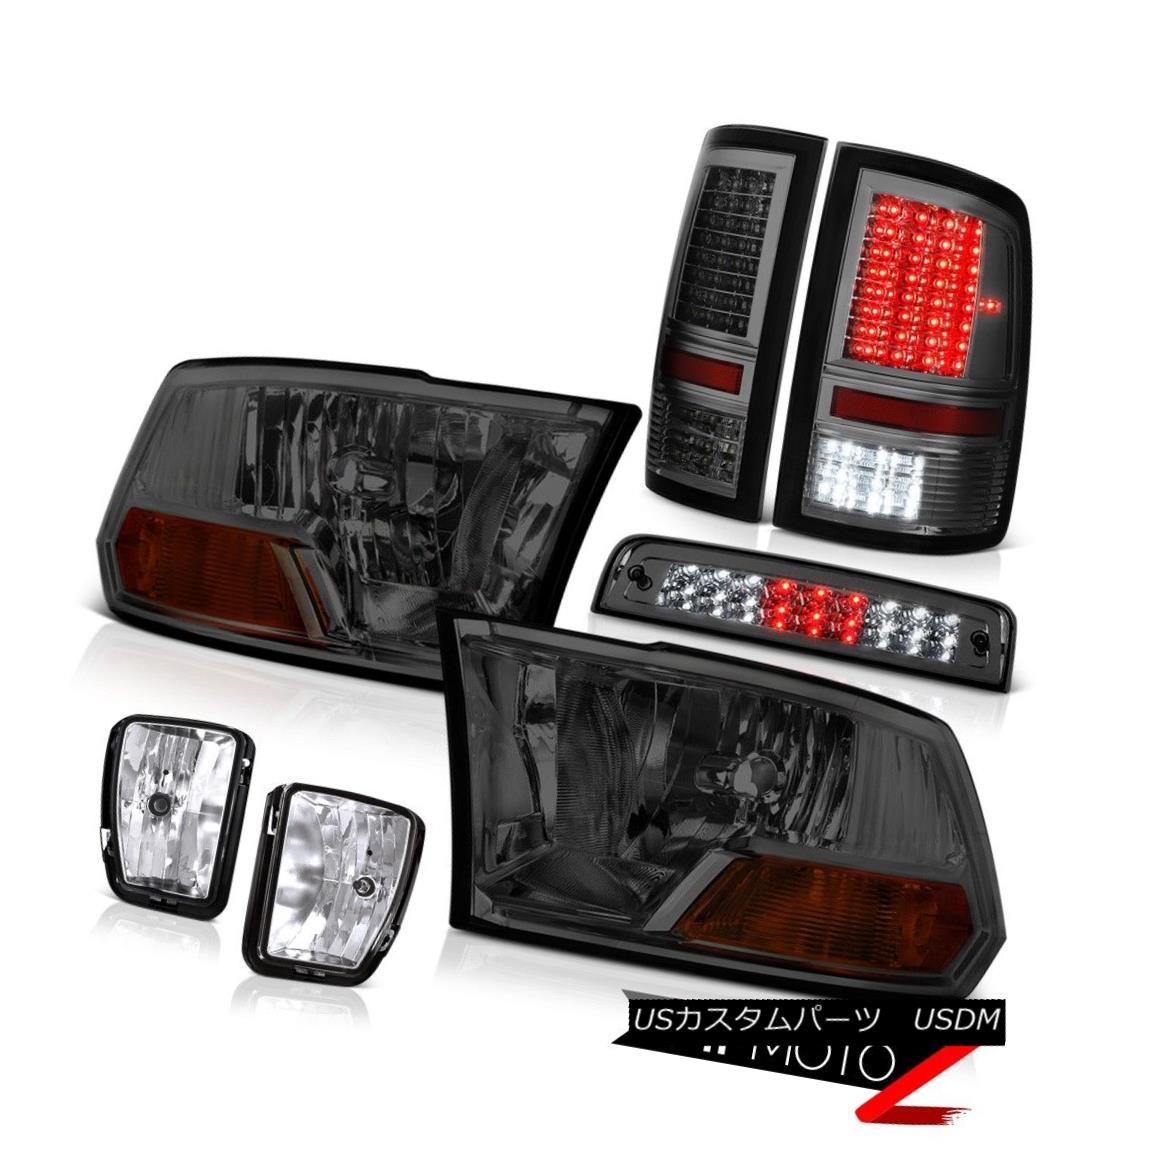 テールライト 13-18 Ram 1500 SLT Tail Lights Third Brake Lamp Fog Headlamps SMD Replacement 13-18ラム1500 SLTテールライト第3ブレーキランプフォグヘッドランプSMD交換